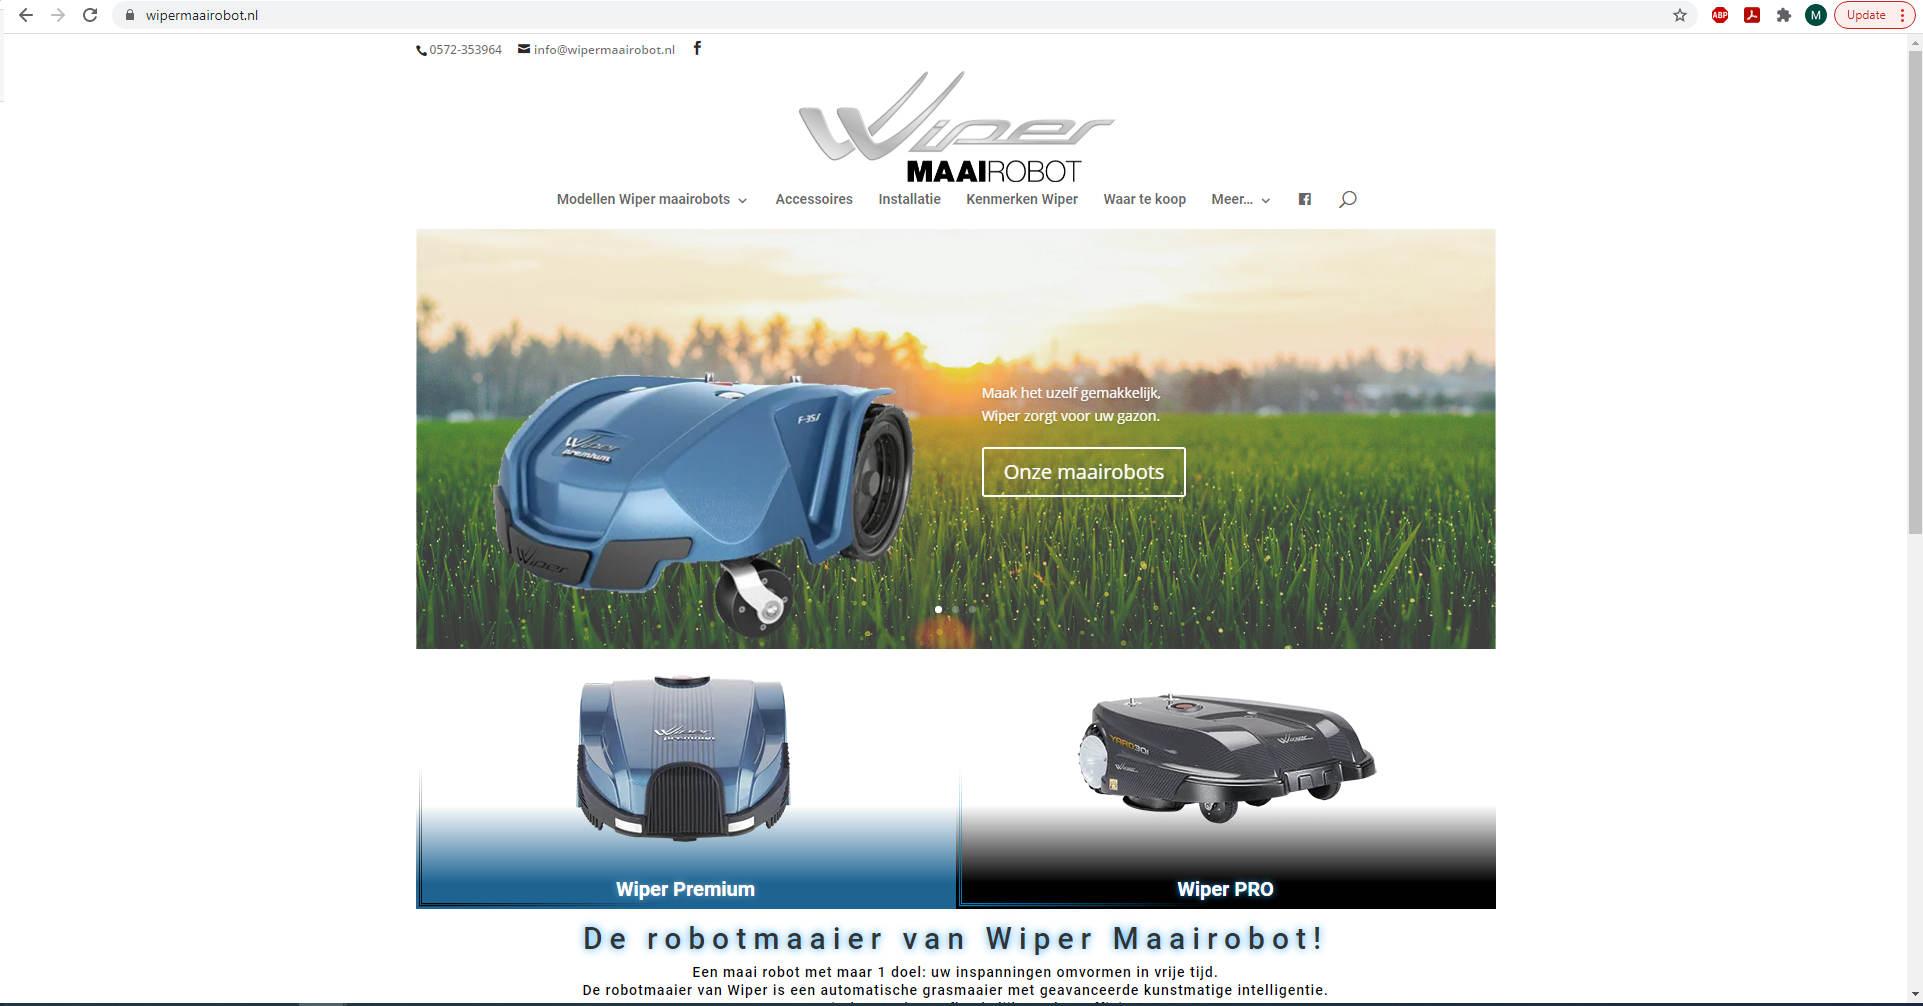 Wiper maairobots